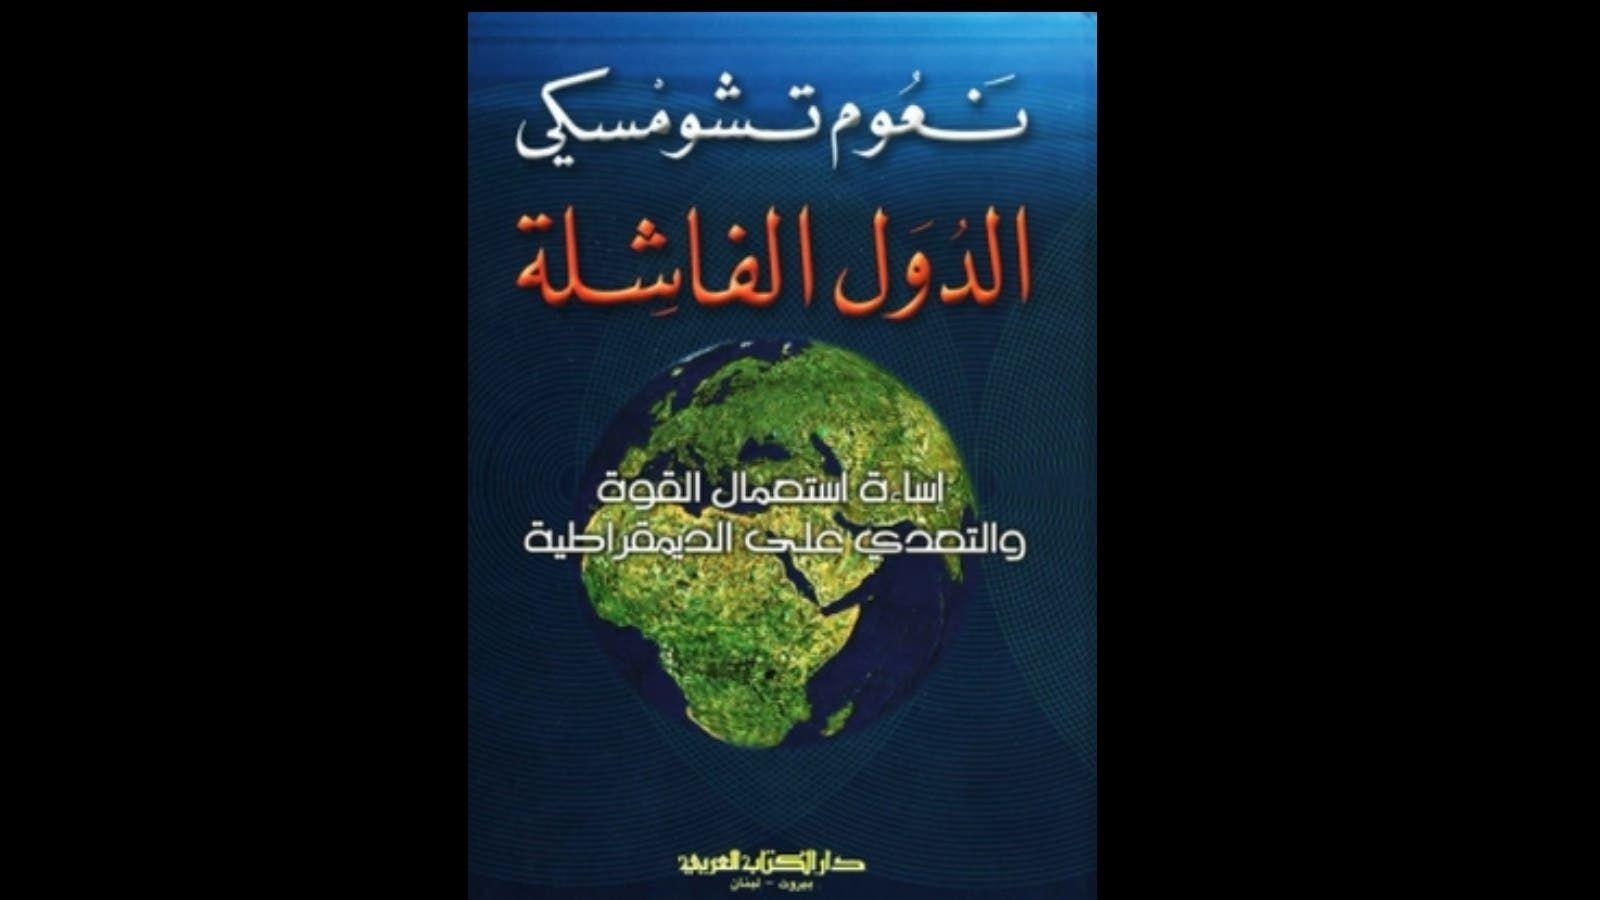 الدول الفاشلة التعدي على الديمقراطية للباحث نعوم تشومسكي Book Cover Books